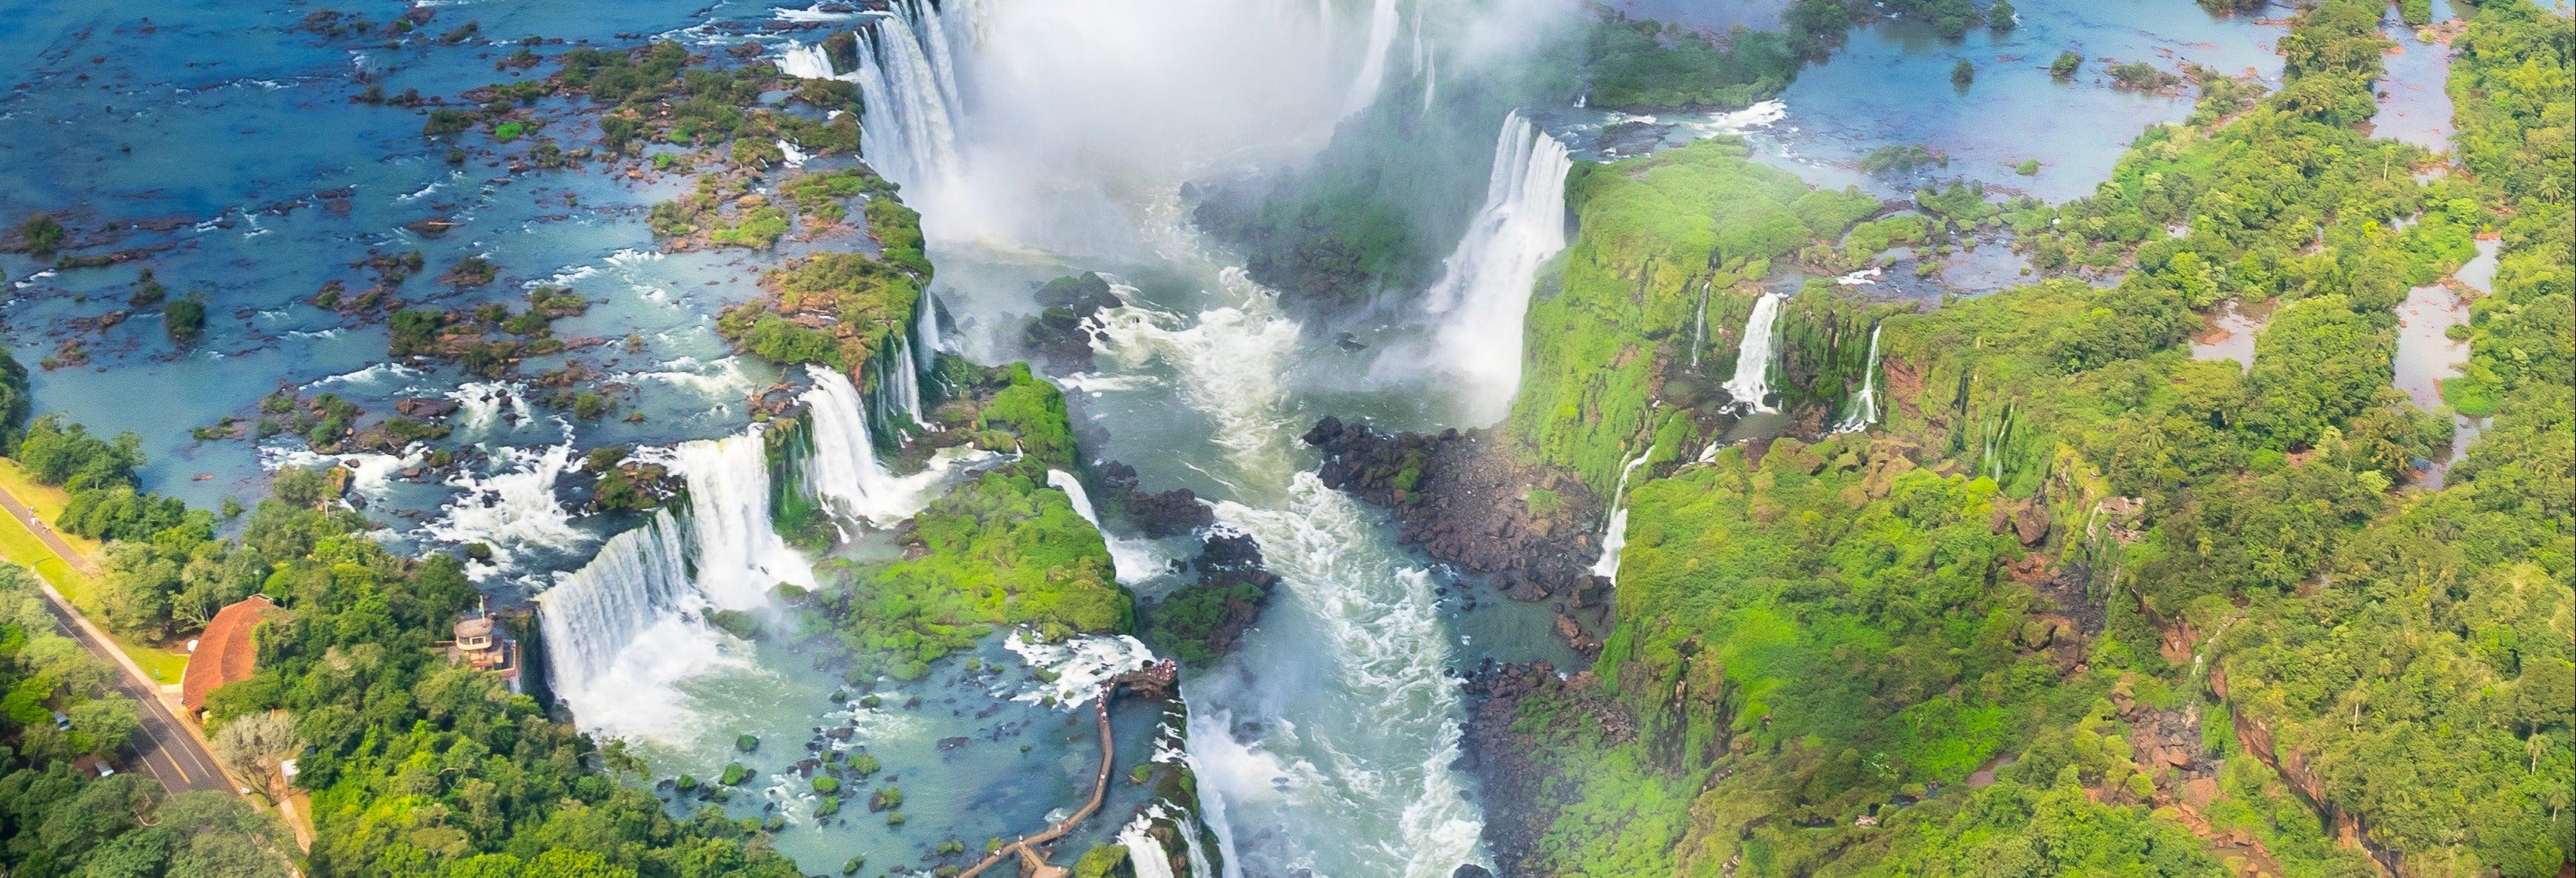 Buenos Aires, Puerto Iguazú y Salta en 8 días